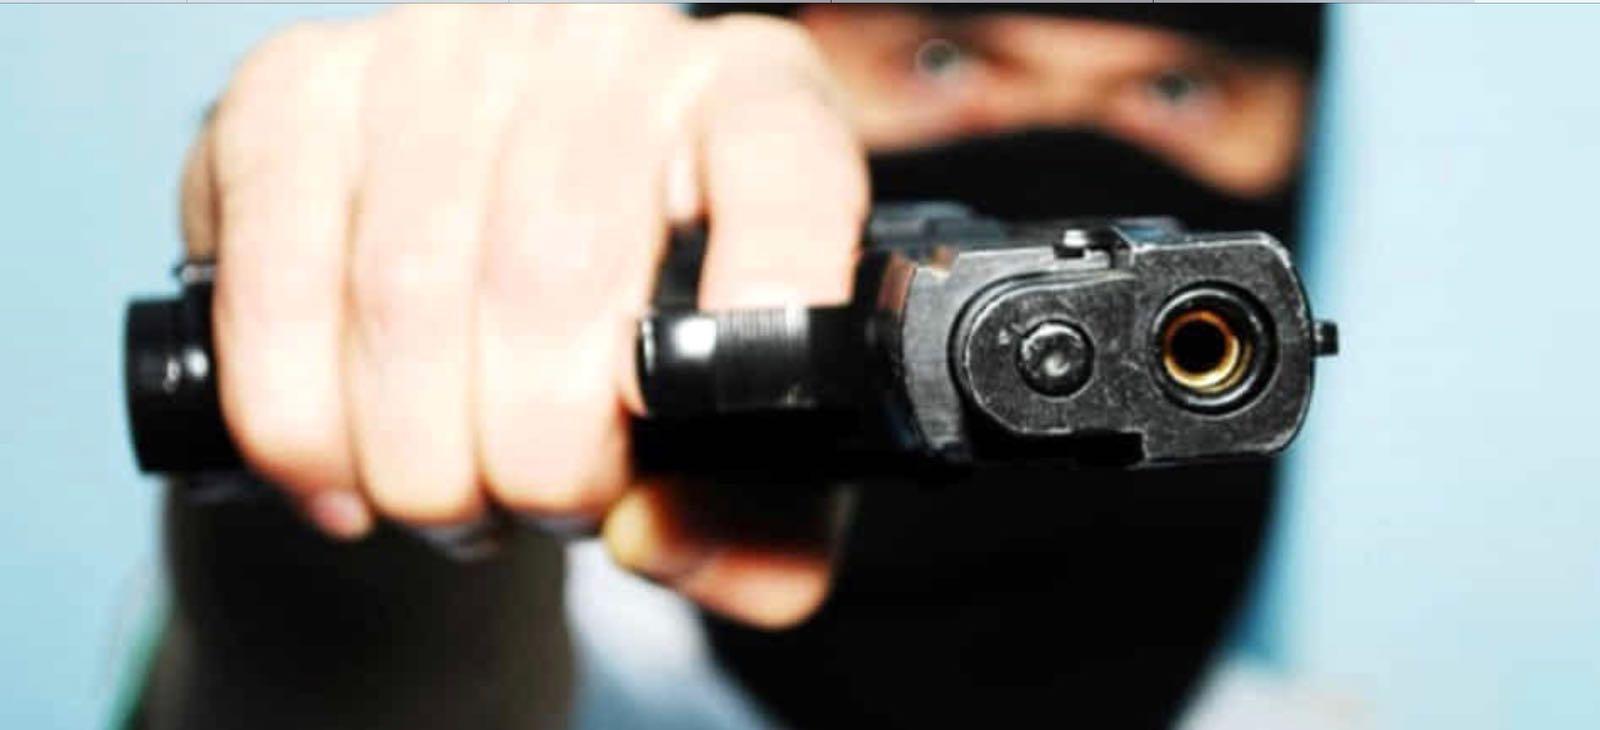 Paternò, rapina a mano armata in un centro revisione